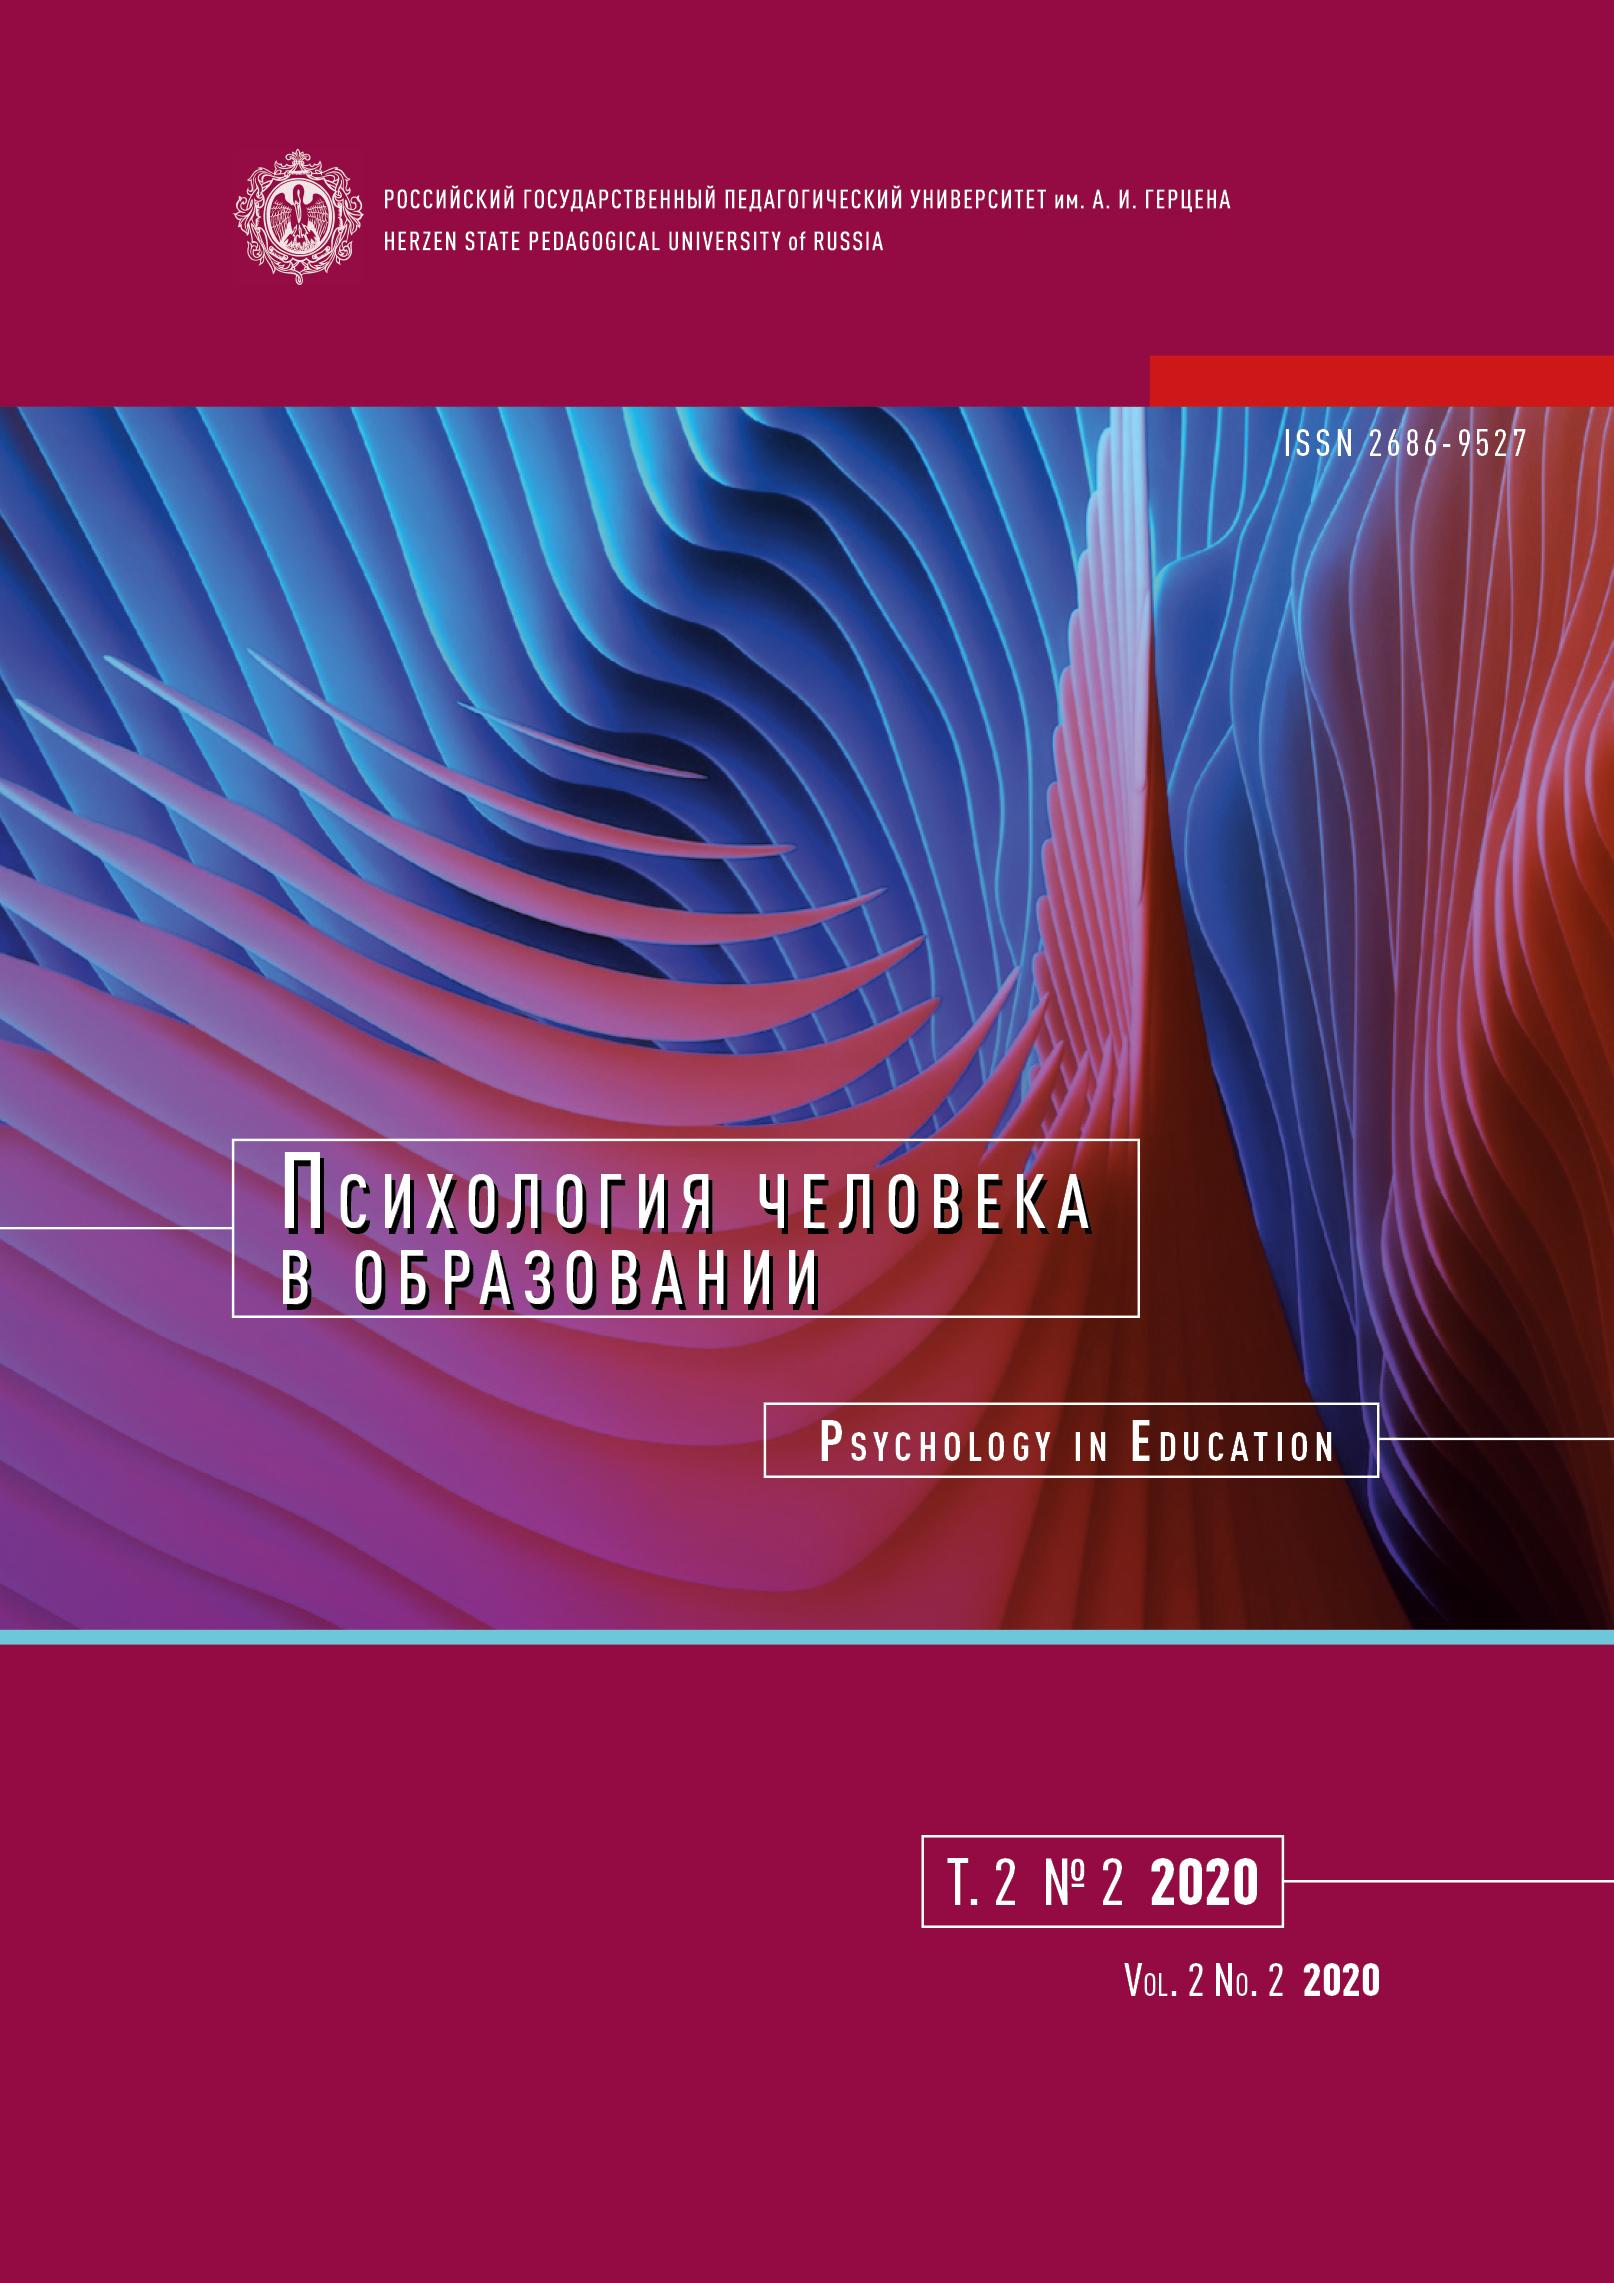 """Обложка журнала """"Психология человека в образовании"""" (т. 2, № 2)"""